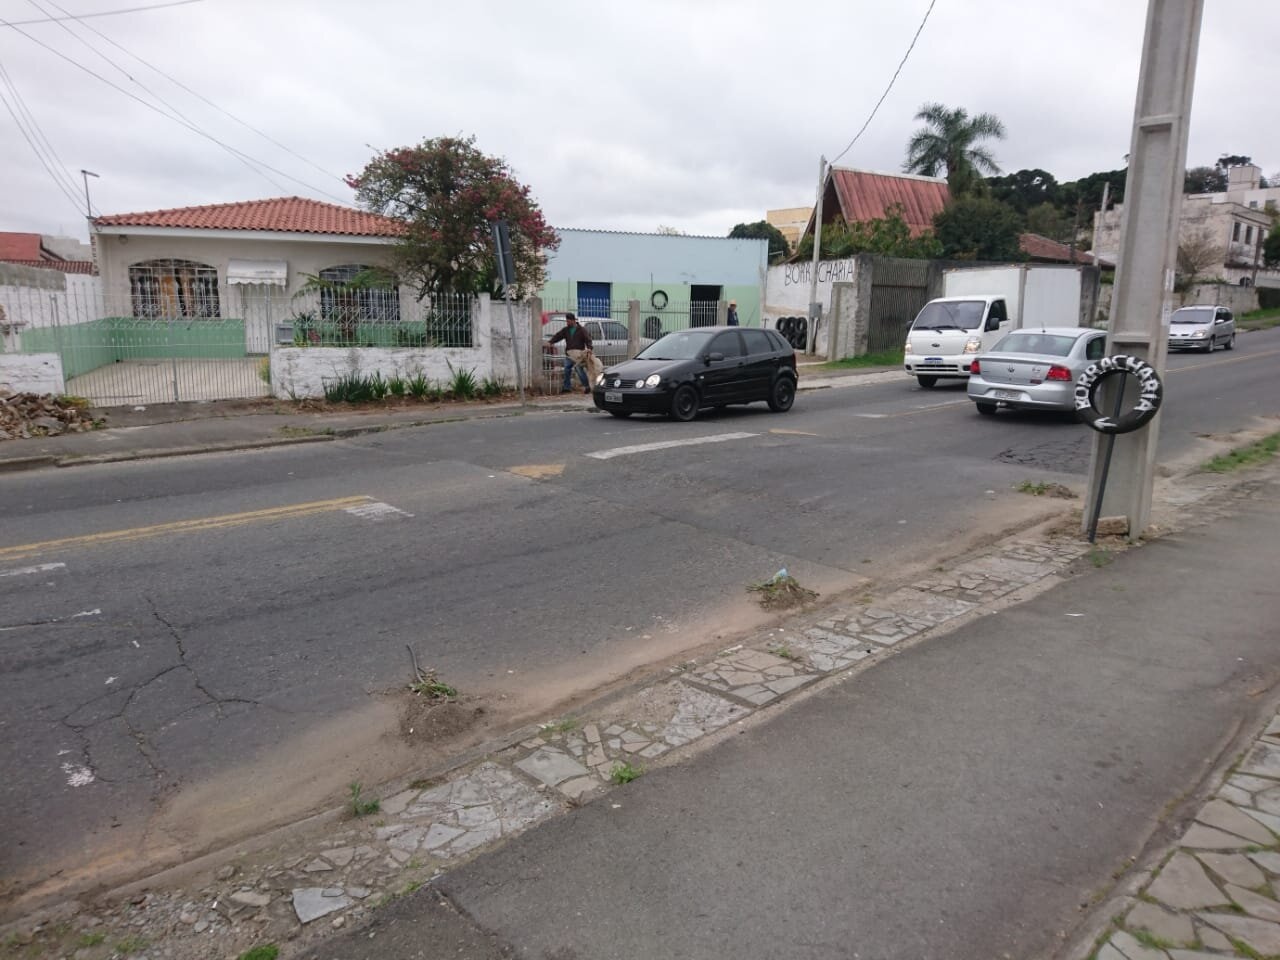 Rua Augusto zibarth 189 repintura de faixa elevada. Em frente à paróquia Santo Antônio.jpeg